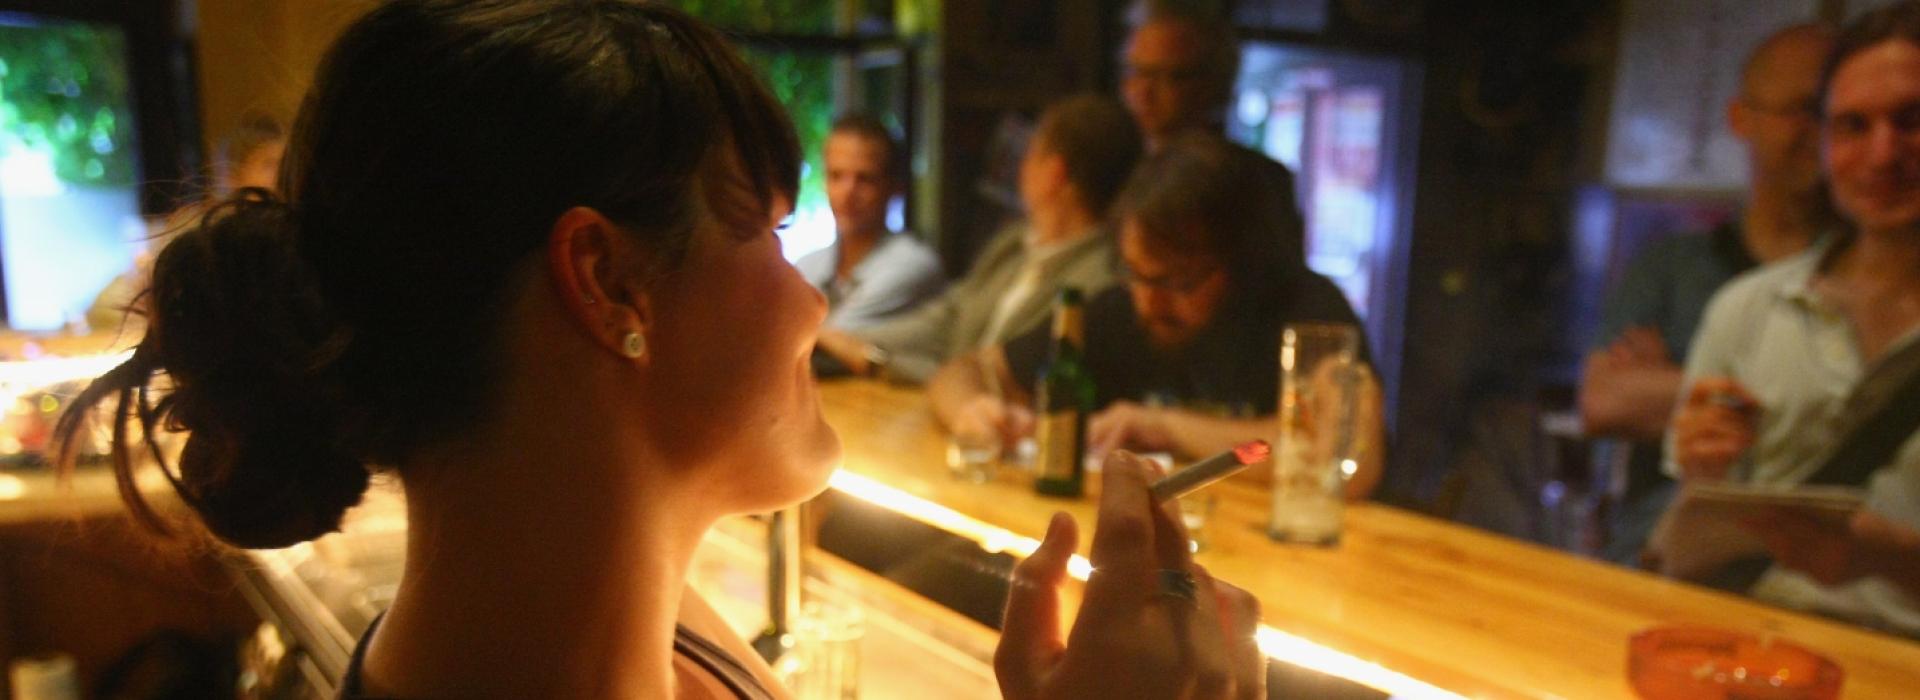 O femeie fumează într-un pub